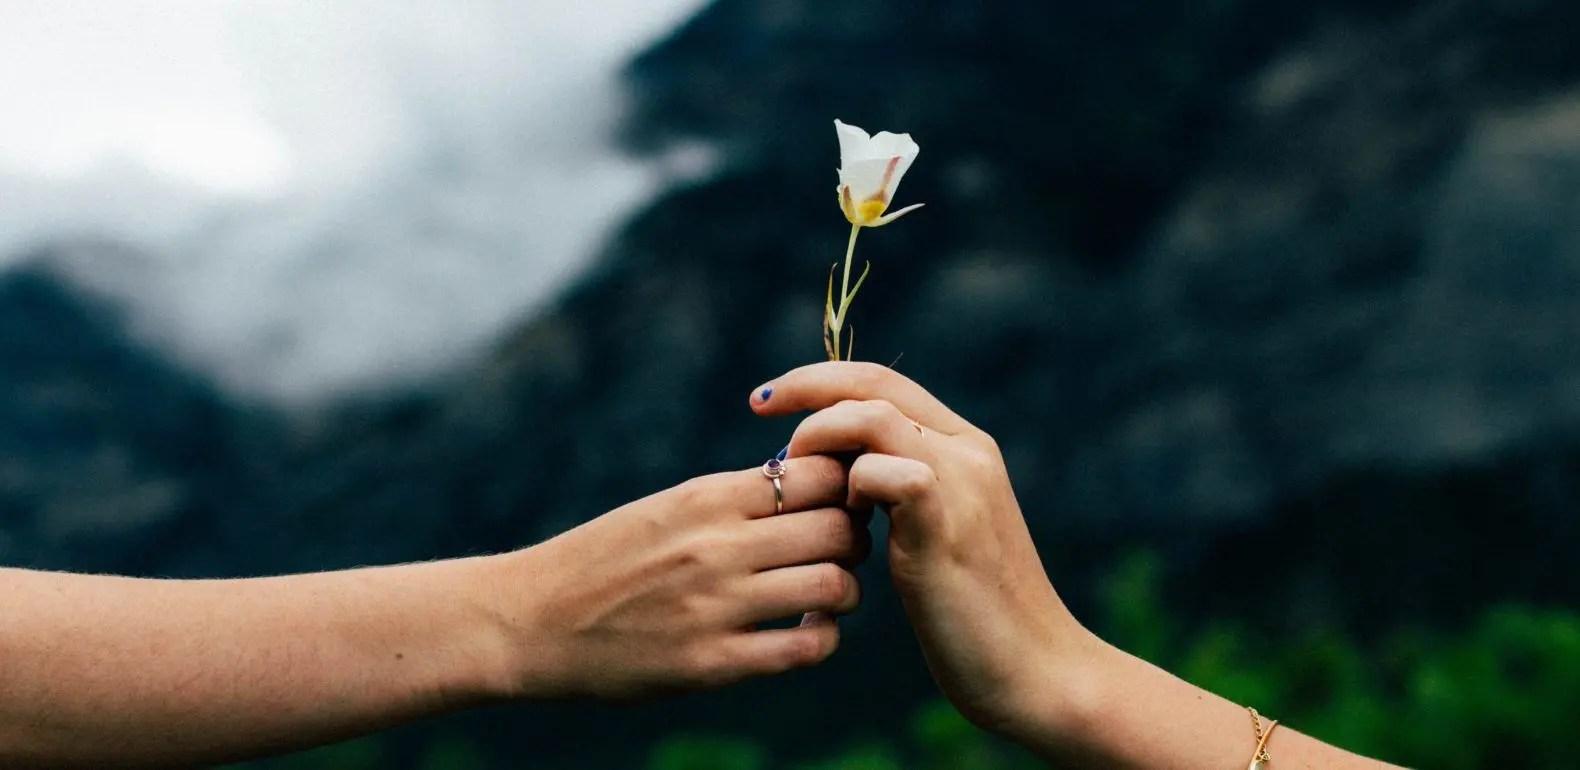 utiliser la gentillesse pour soigner les personnes difficiles